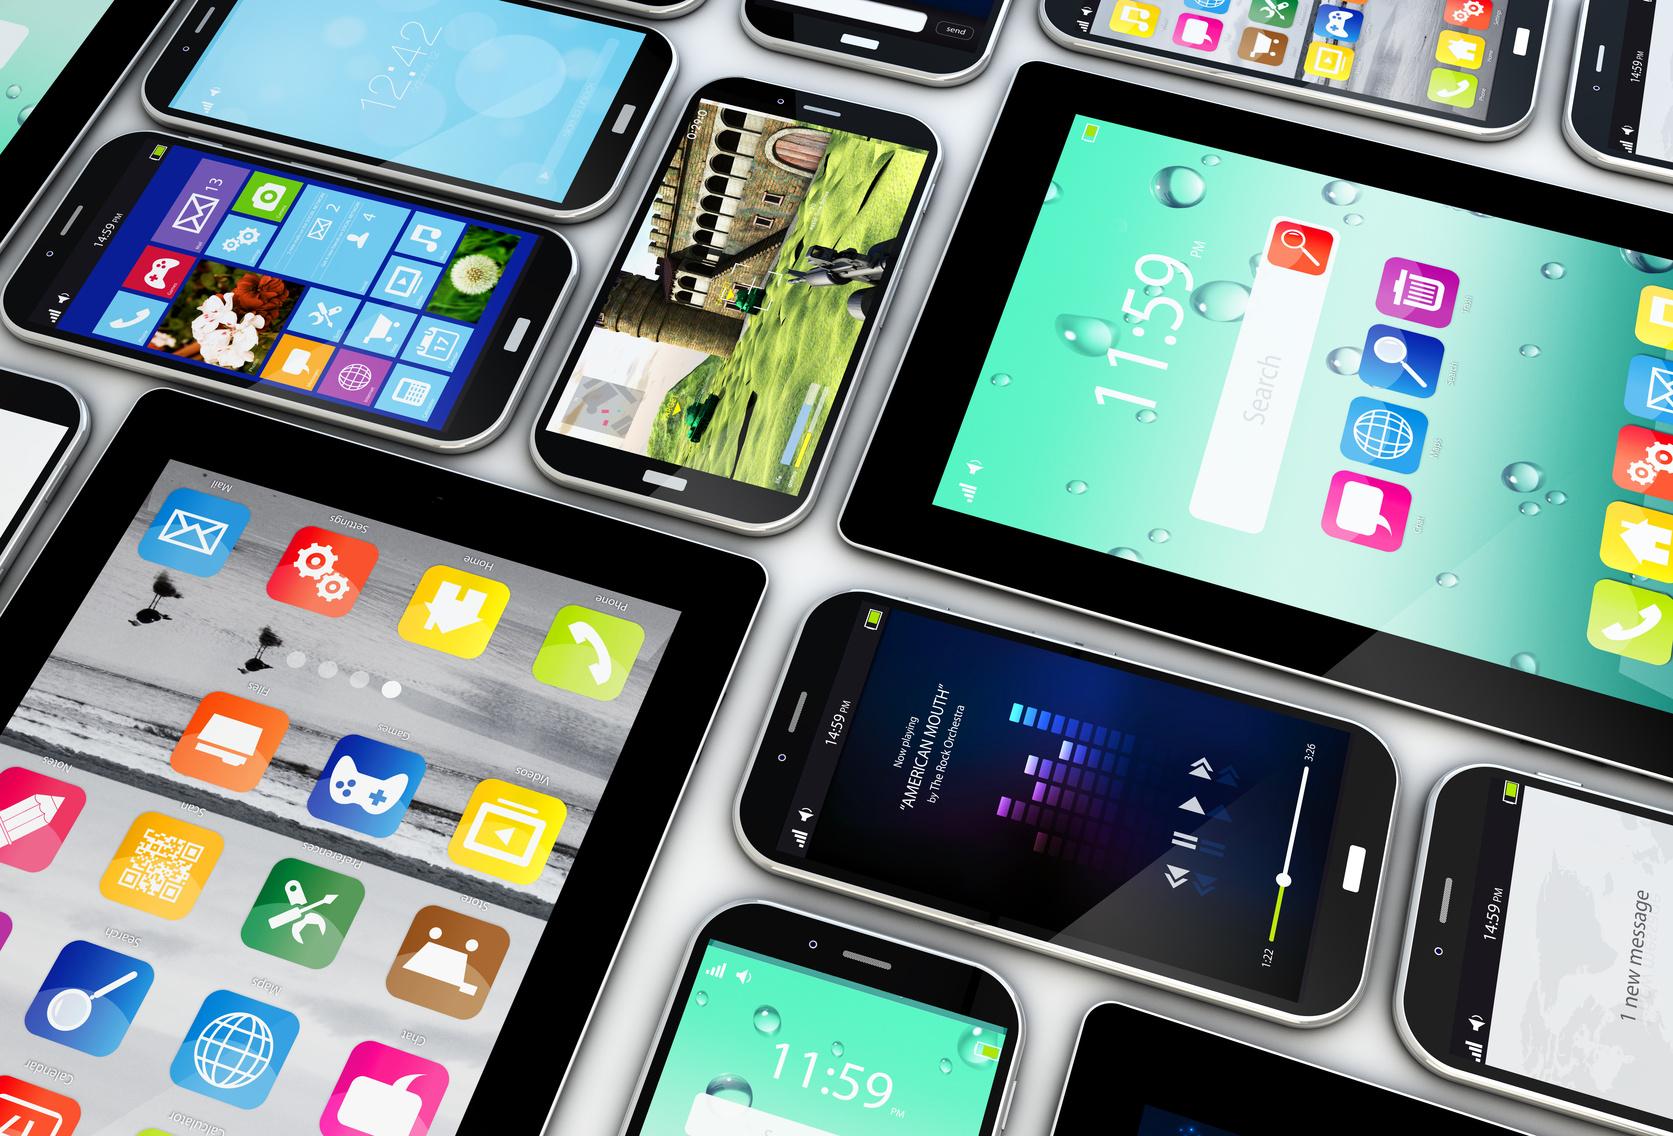 La industria móvil y su particular 'juego de tronos'